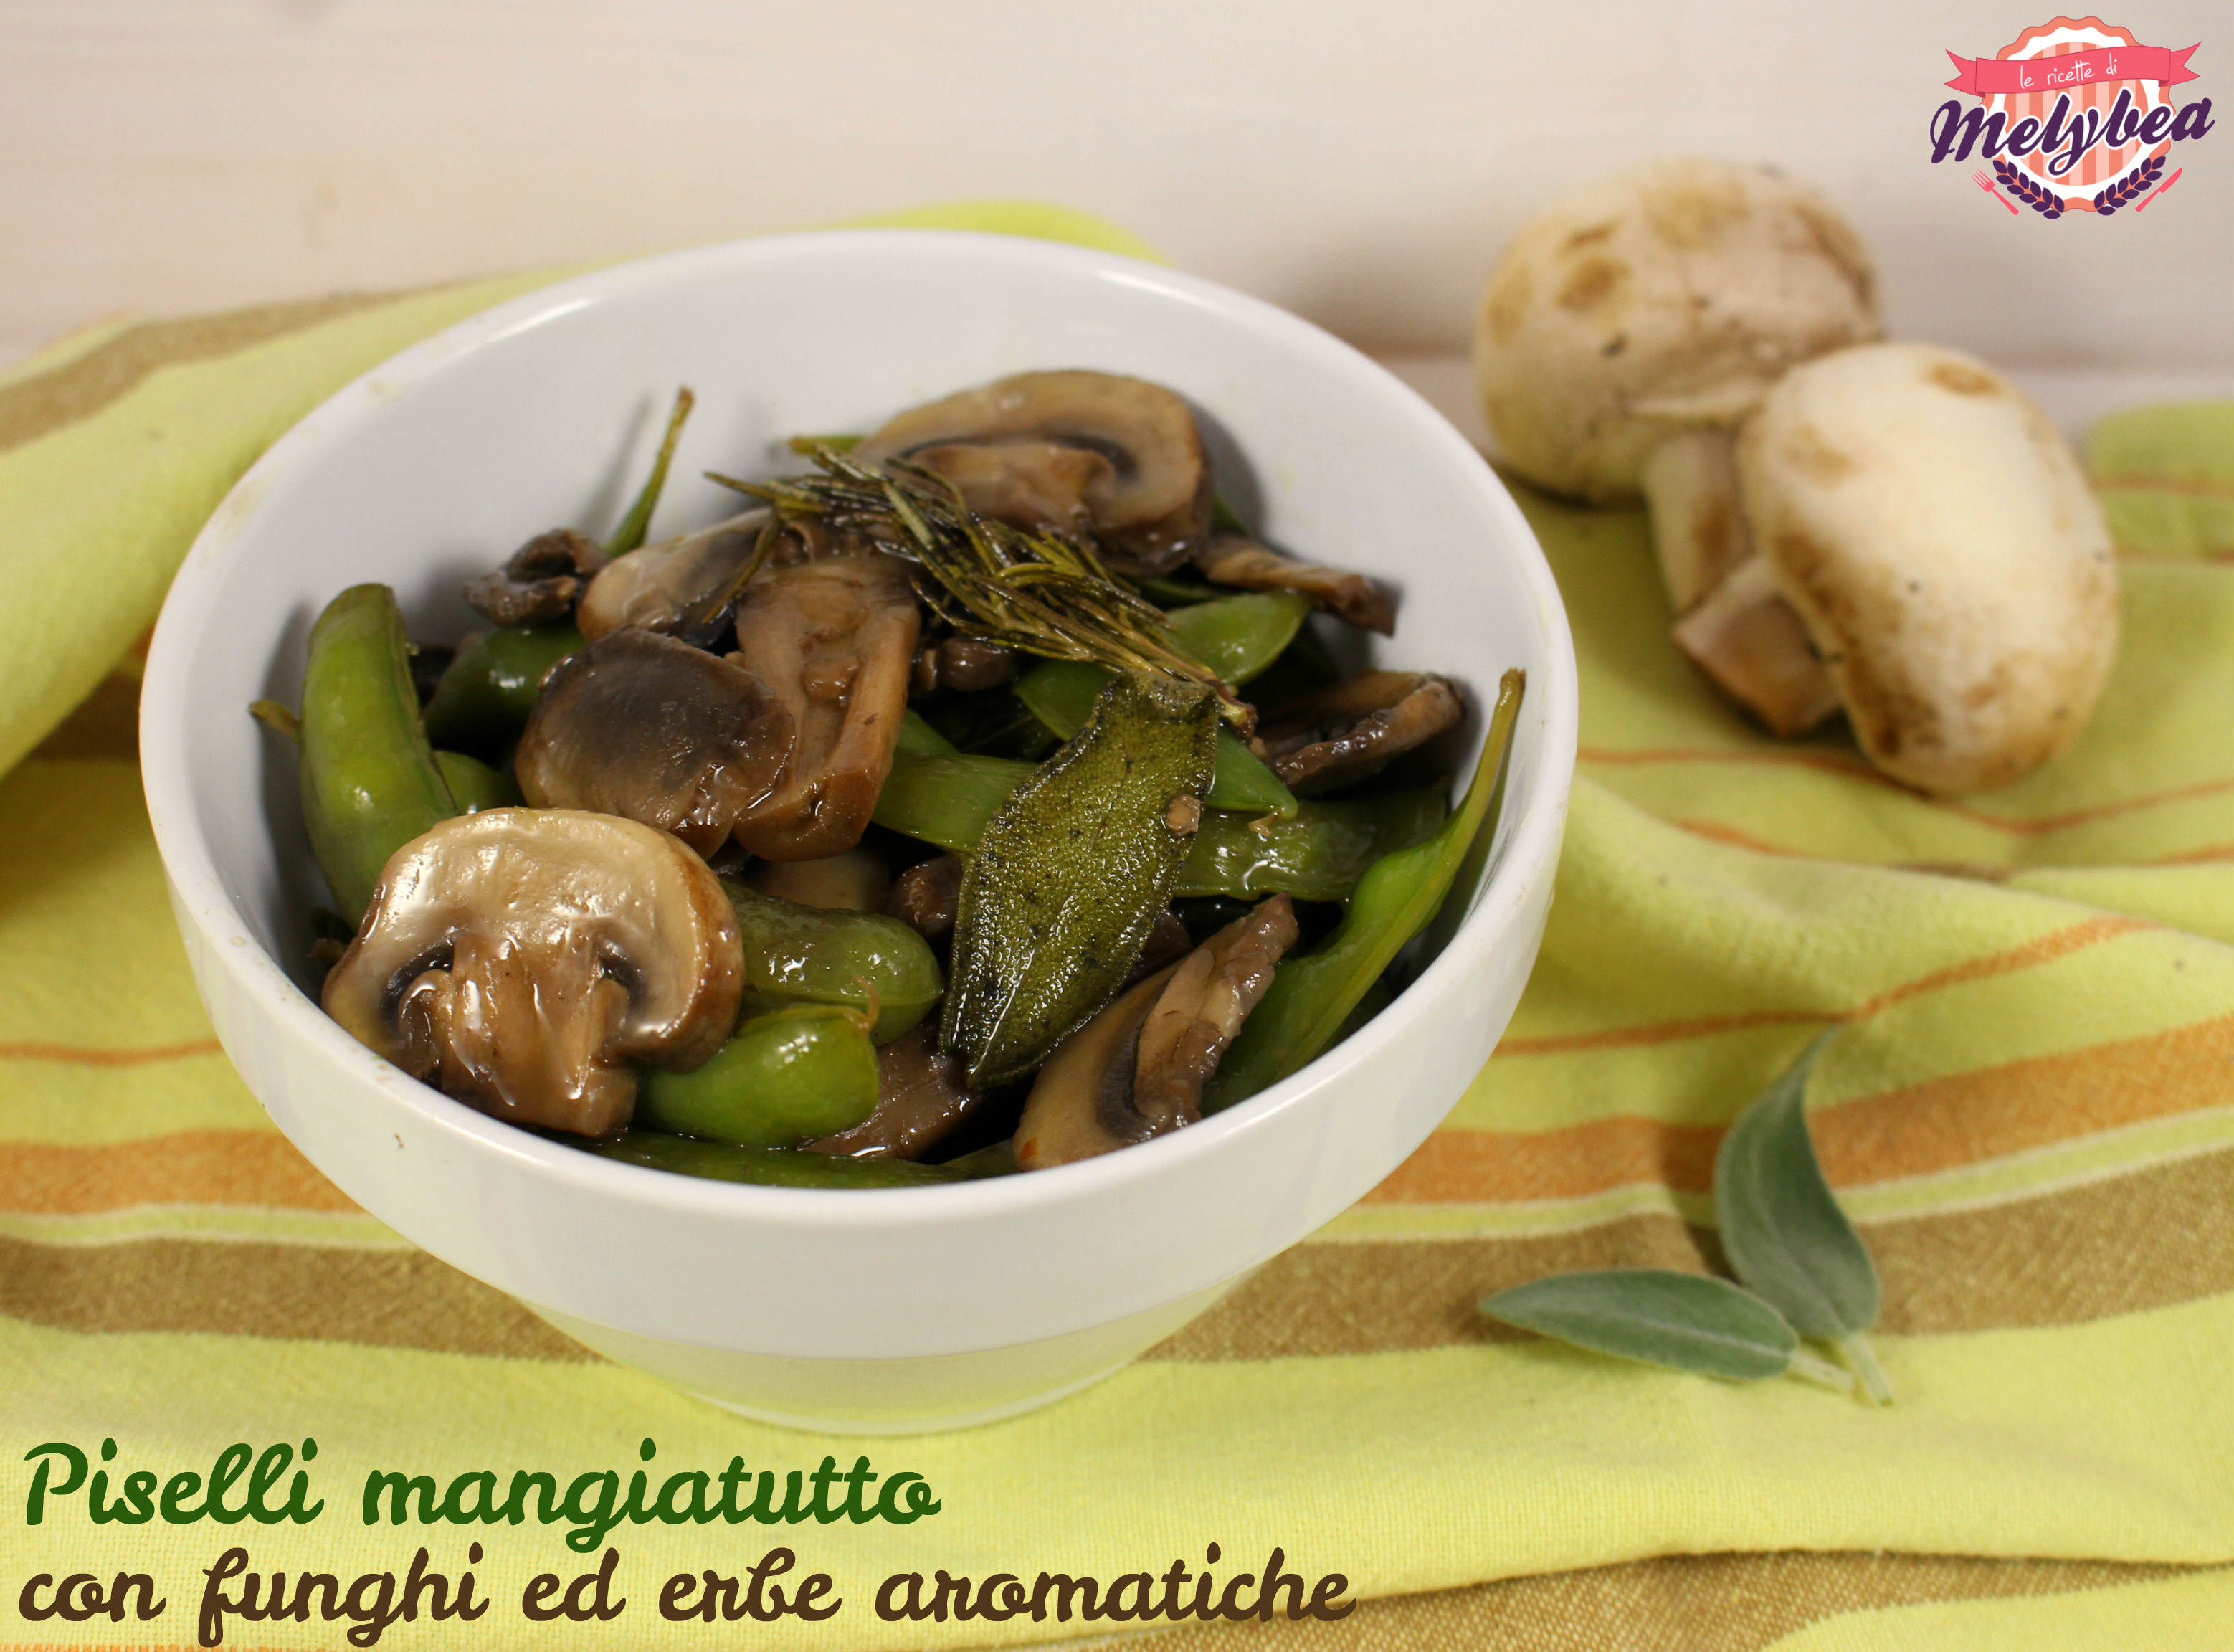 Piselli mangiatutto con funghi ed erbe aromatiche